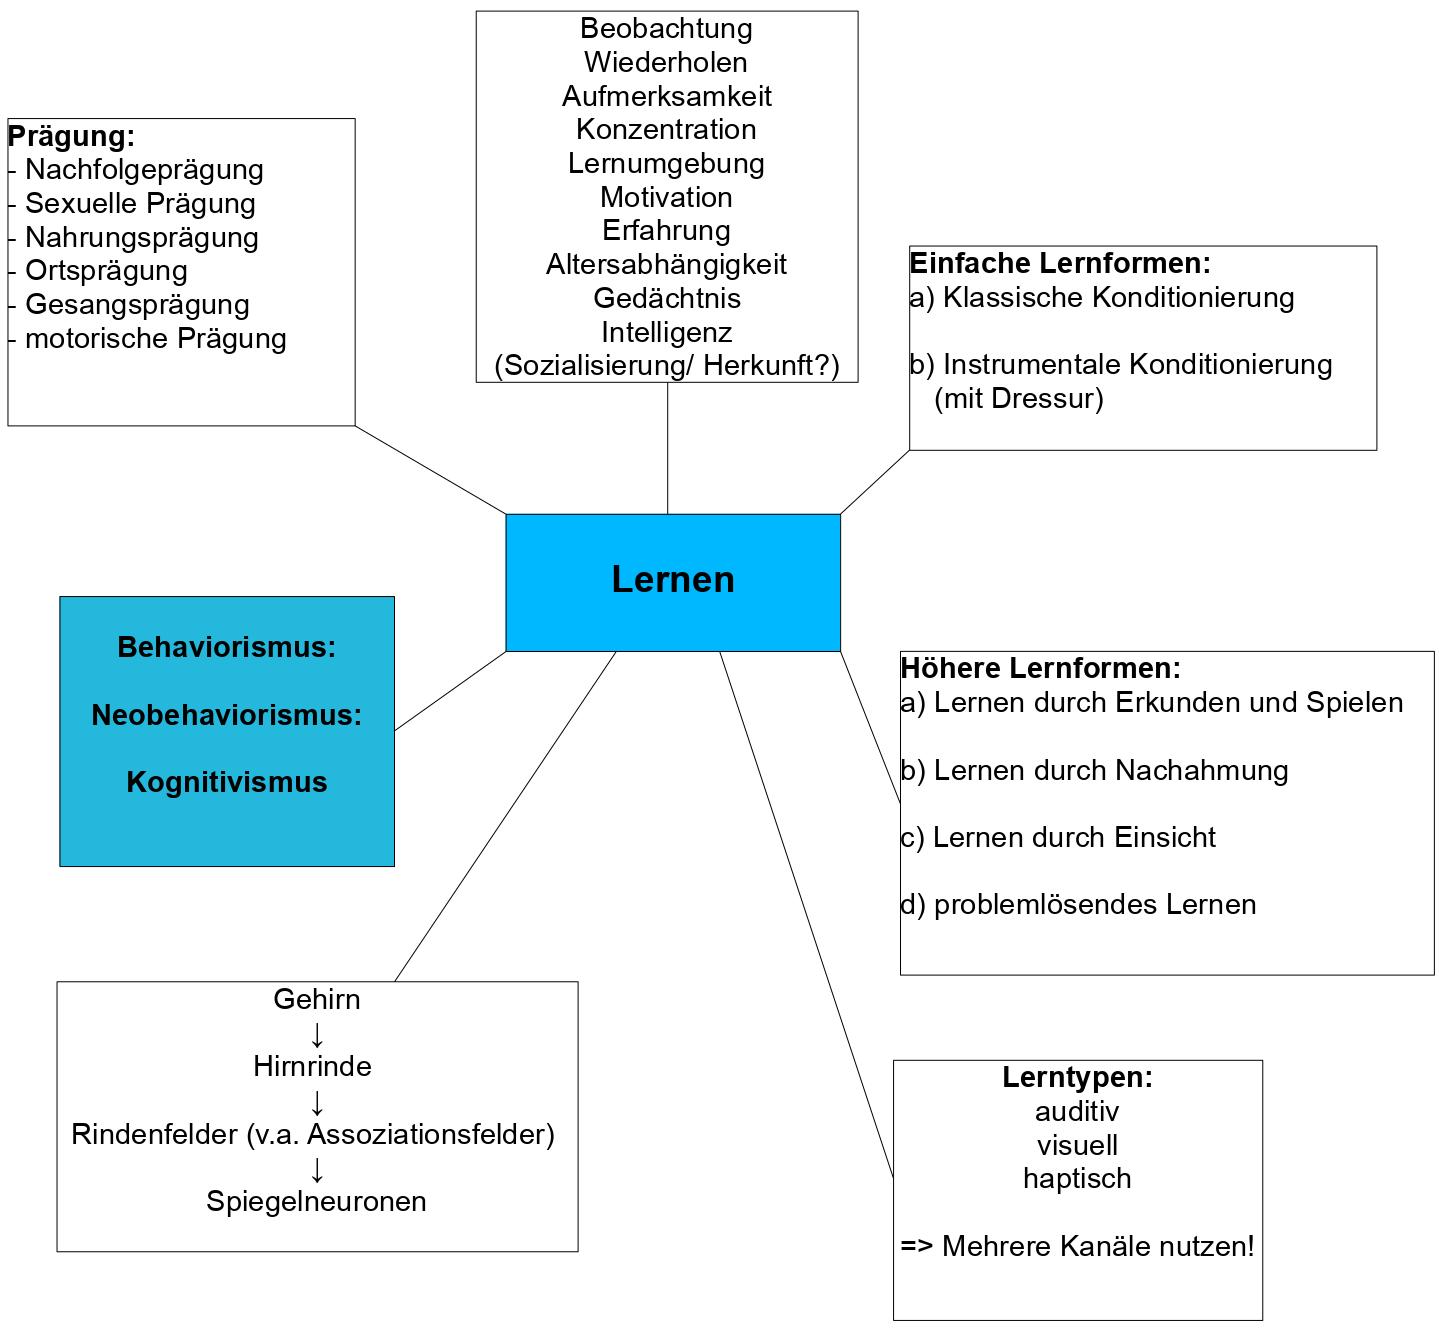 Nachahmung biologie deutsch klassenarbeiten klasse 7 berichte schreiben